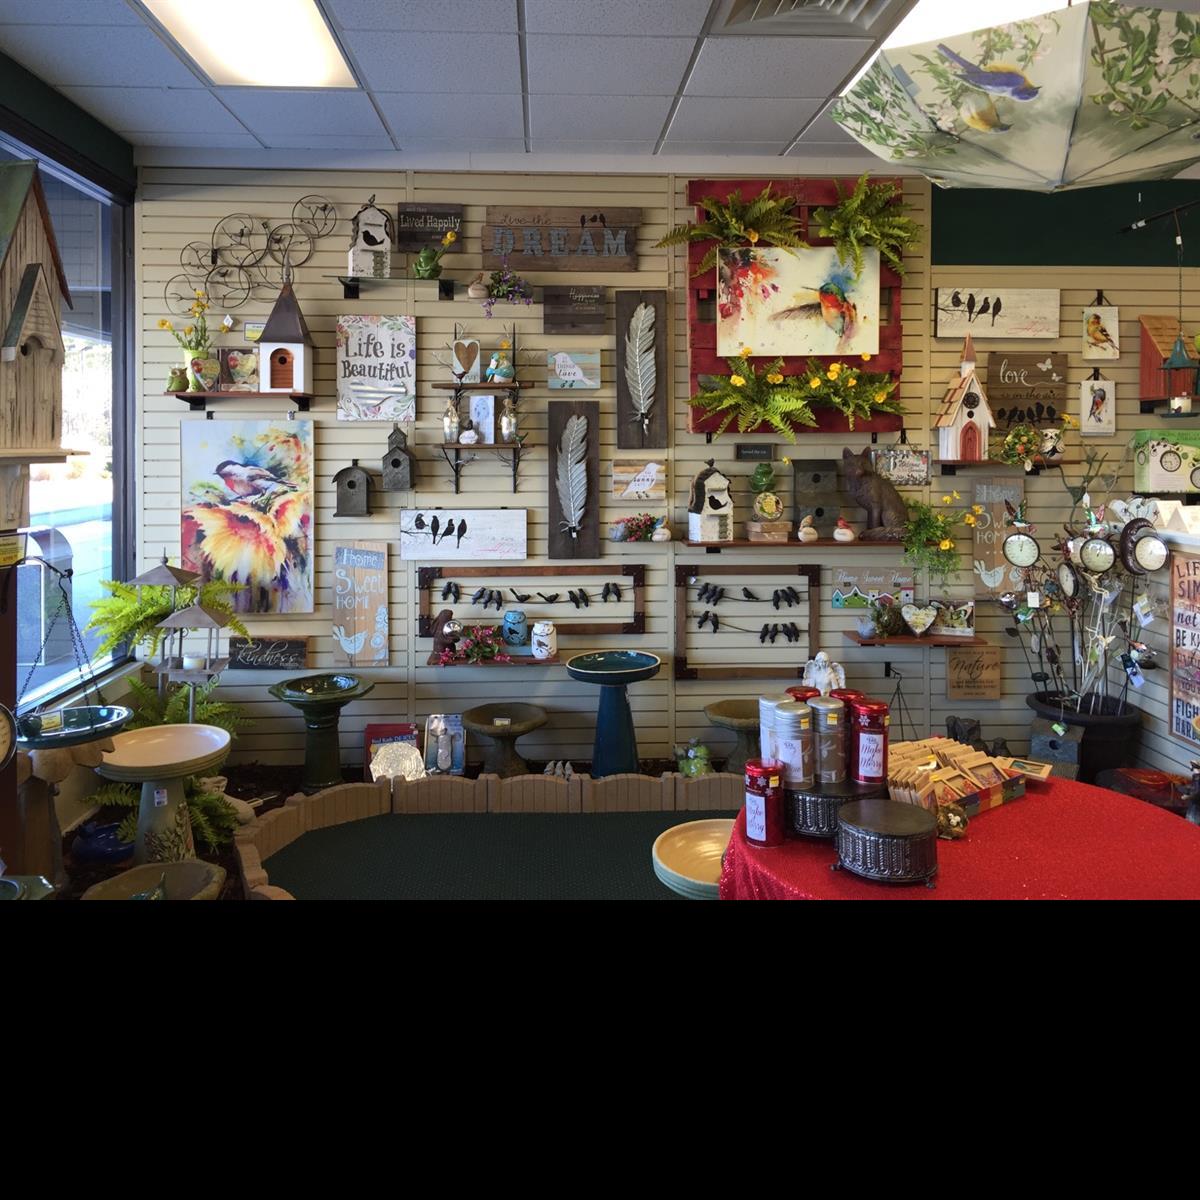 home decor, bird house, bird bath, wall art, gifts